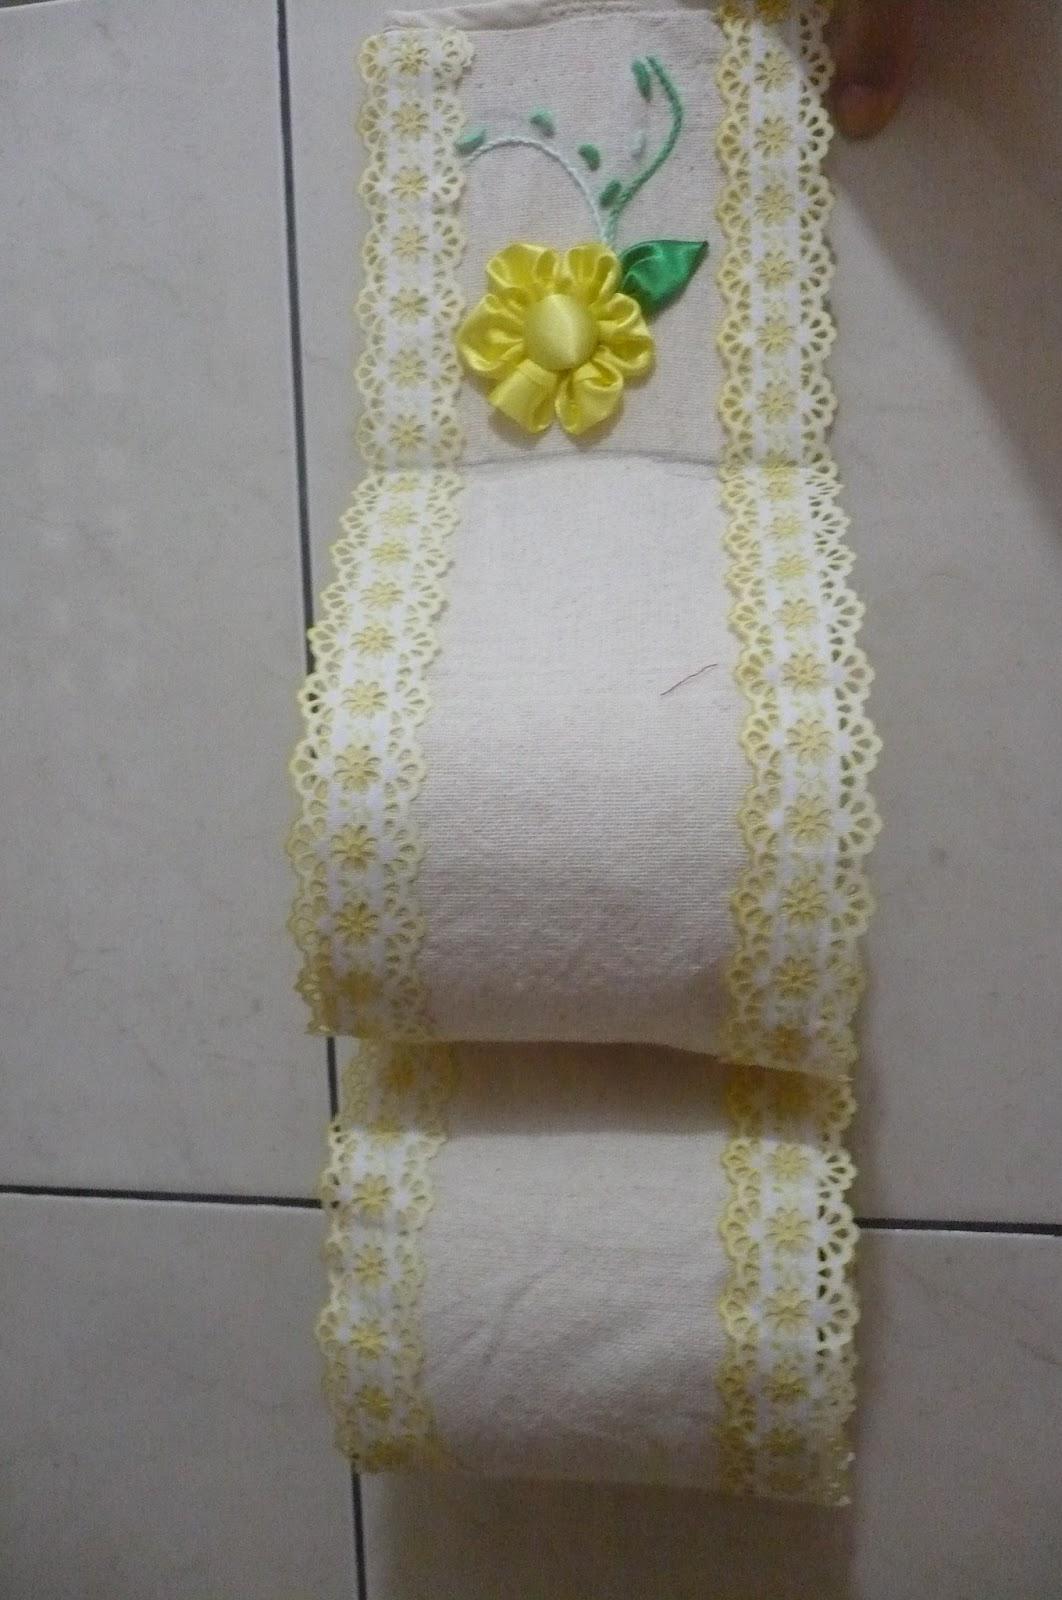 Fazendo arte porta papel higi nico for Colgadores para papel higienico